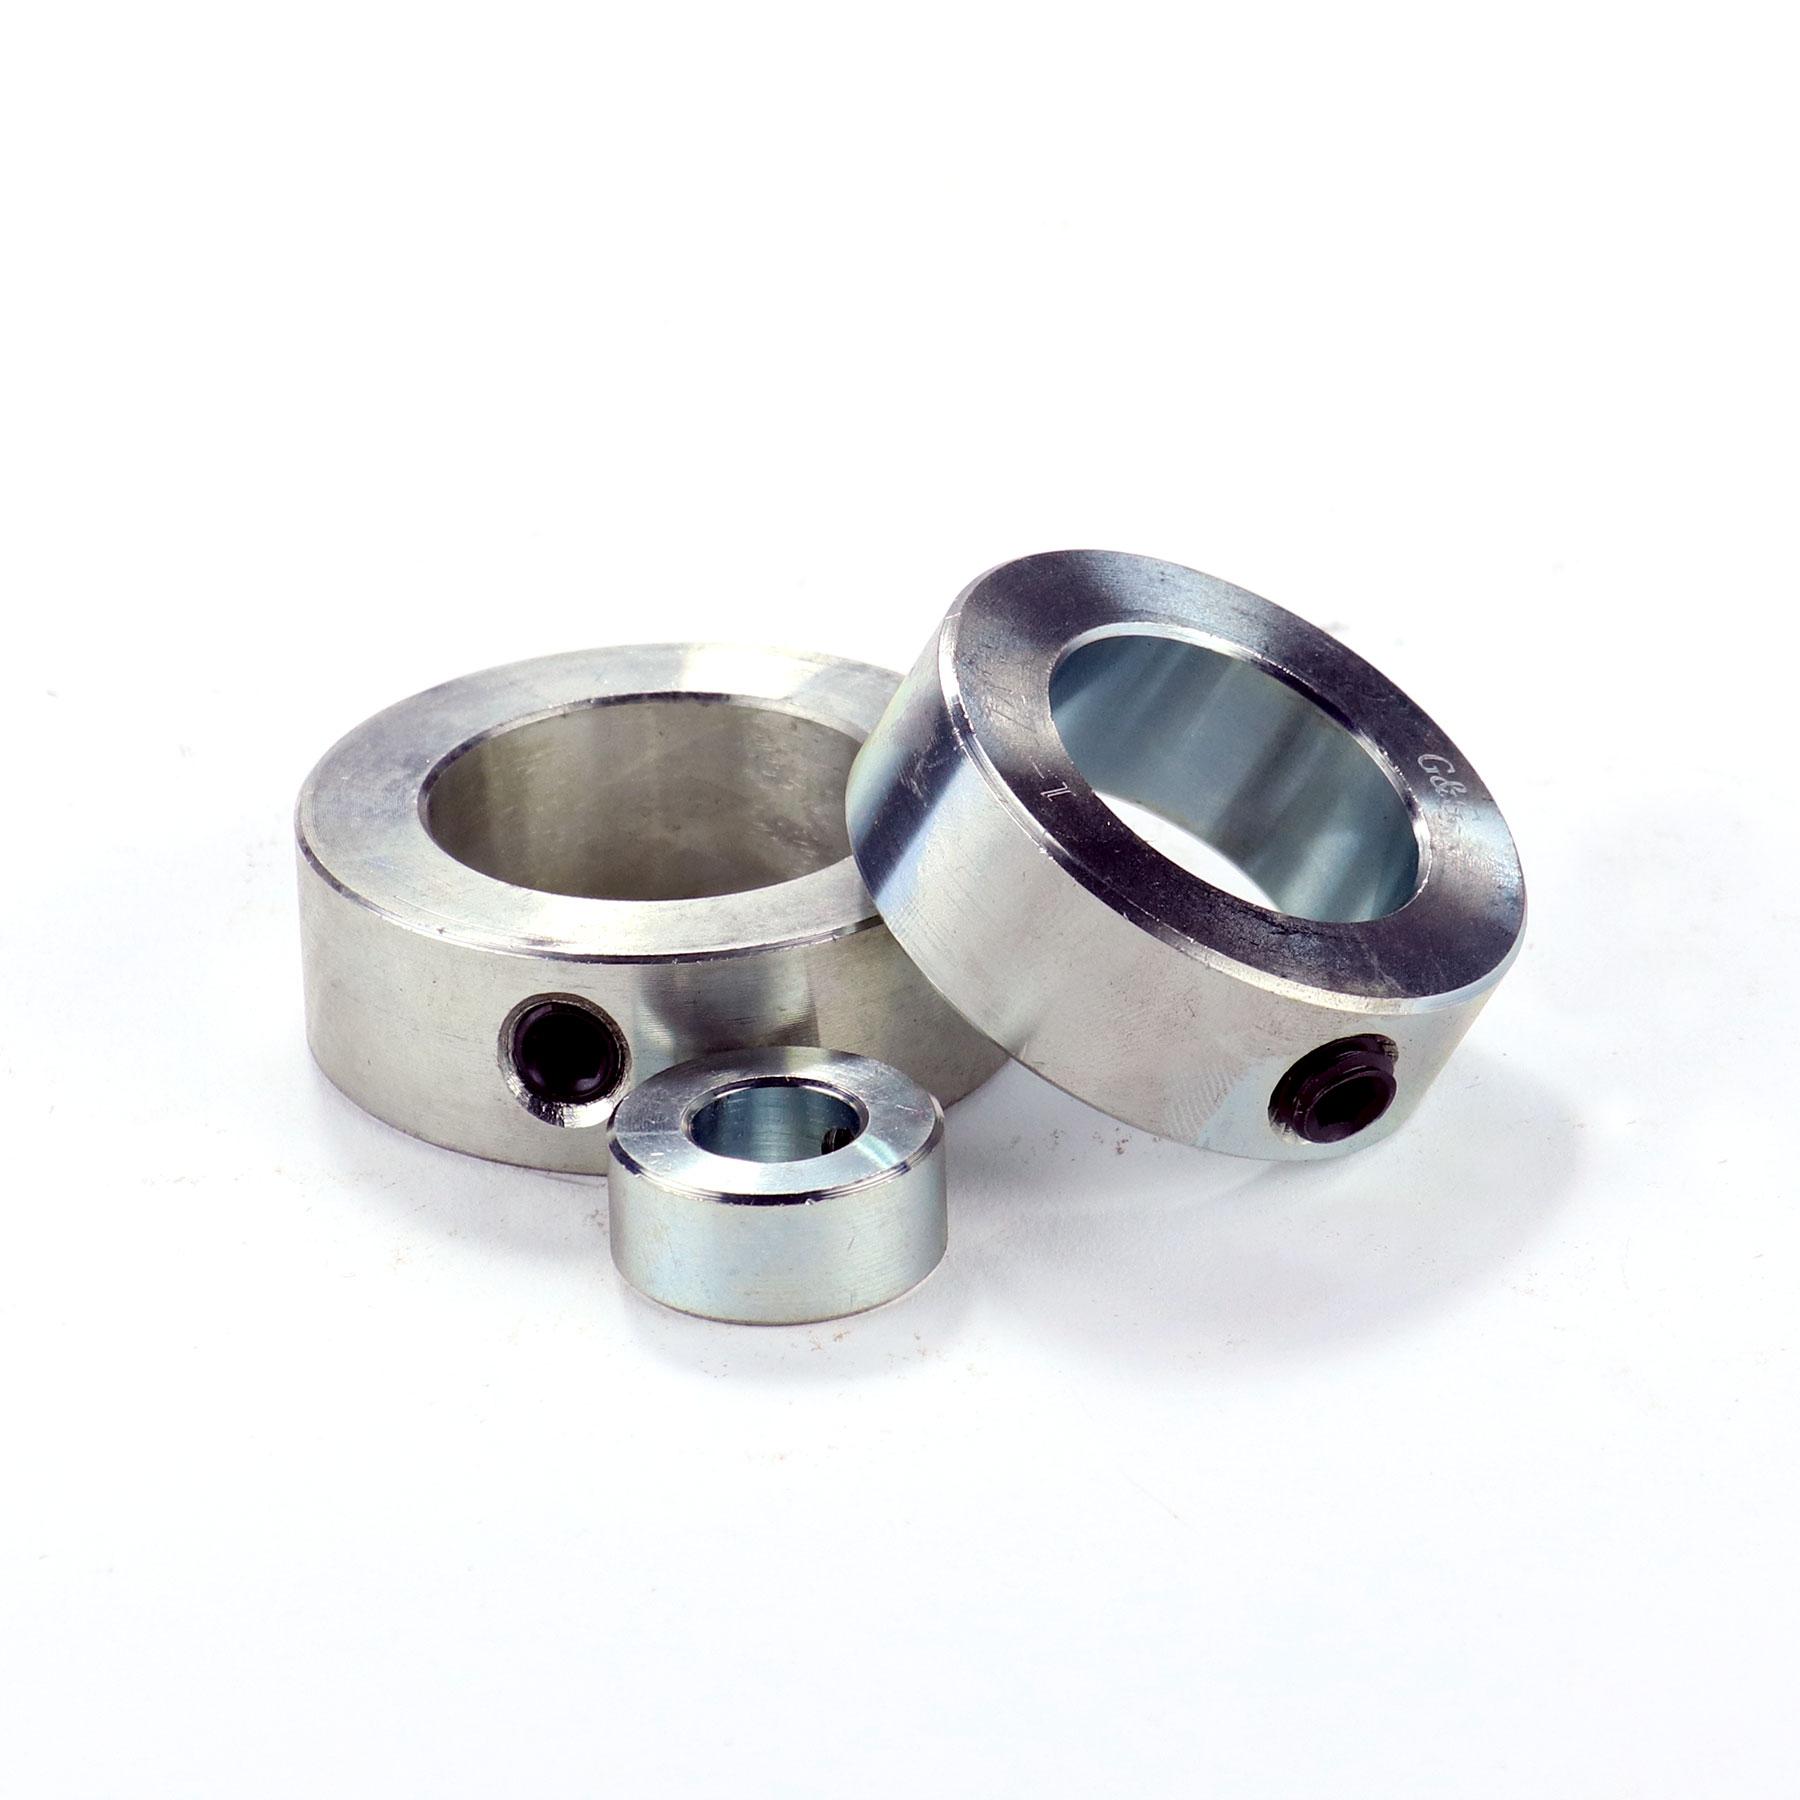 shaft collars, L&M Specialty Fabrication Batavia NY